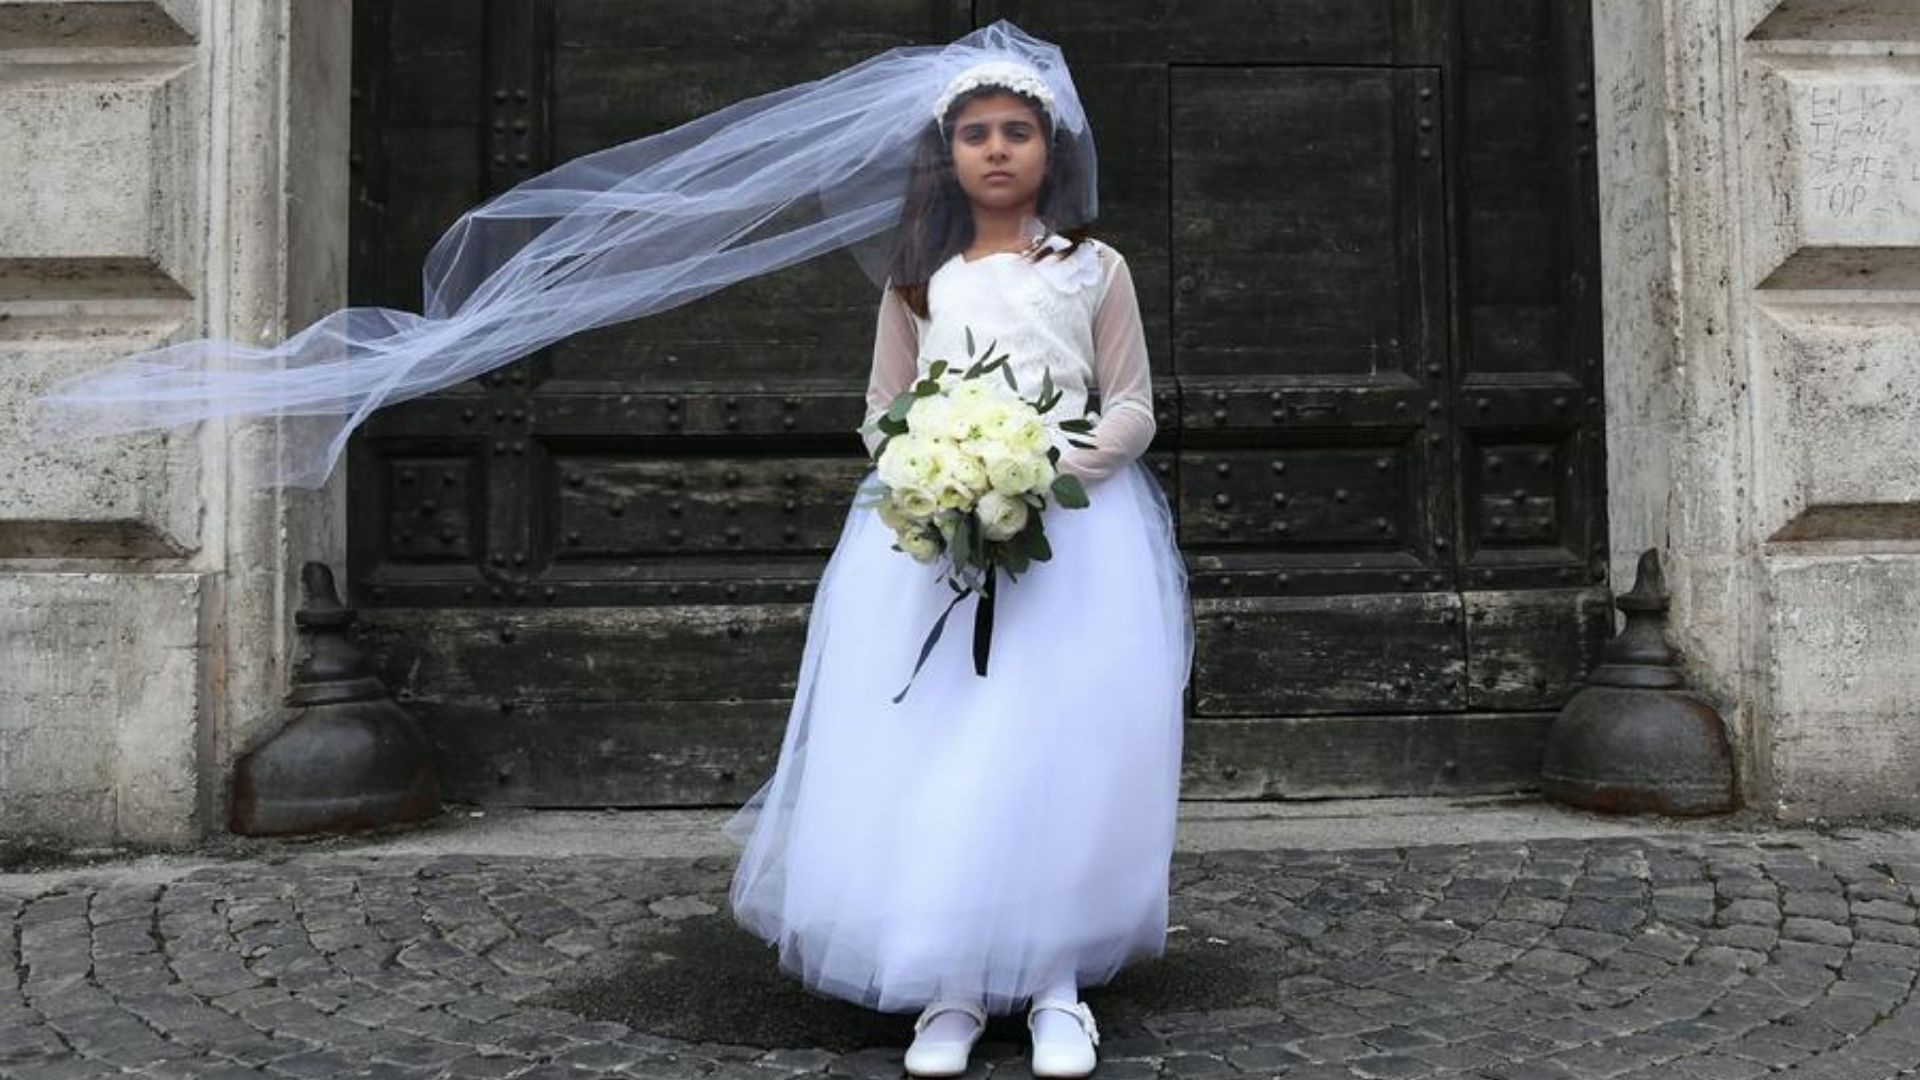 Nova York proíbe casamento infantil e restringe união para maiores de 18 anos